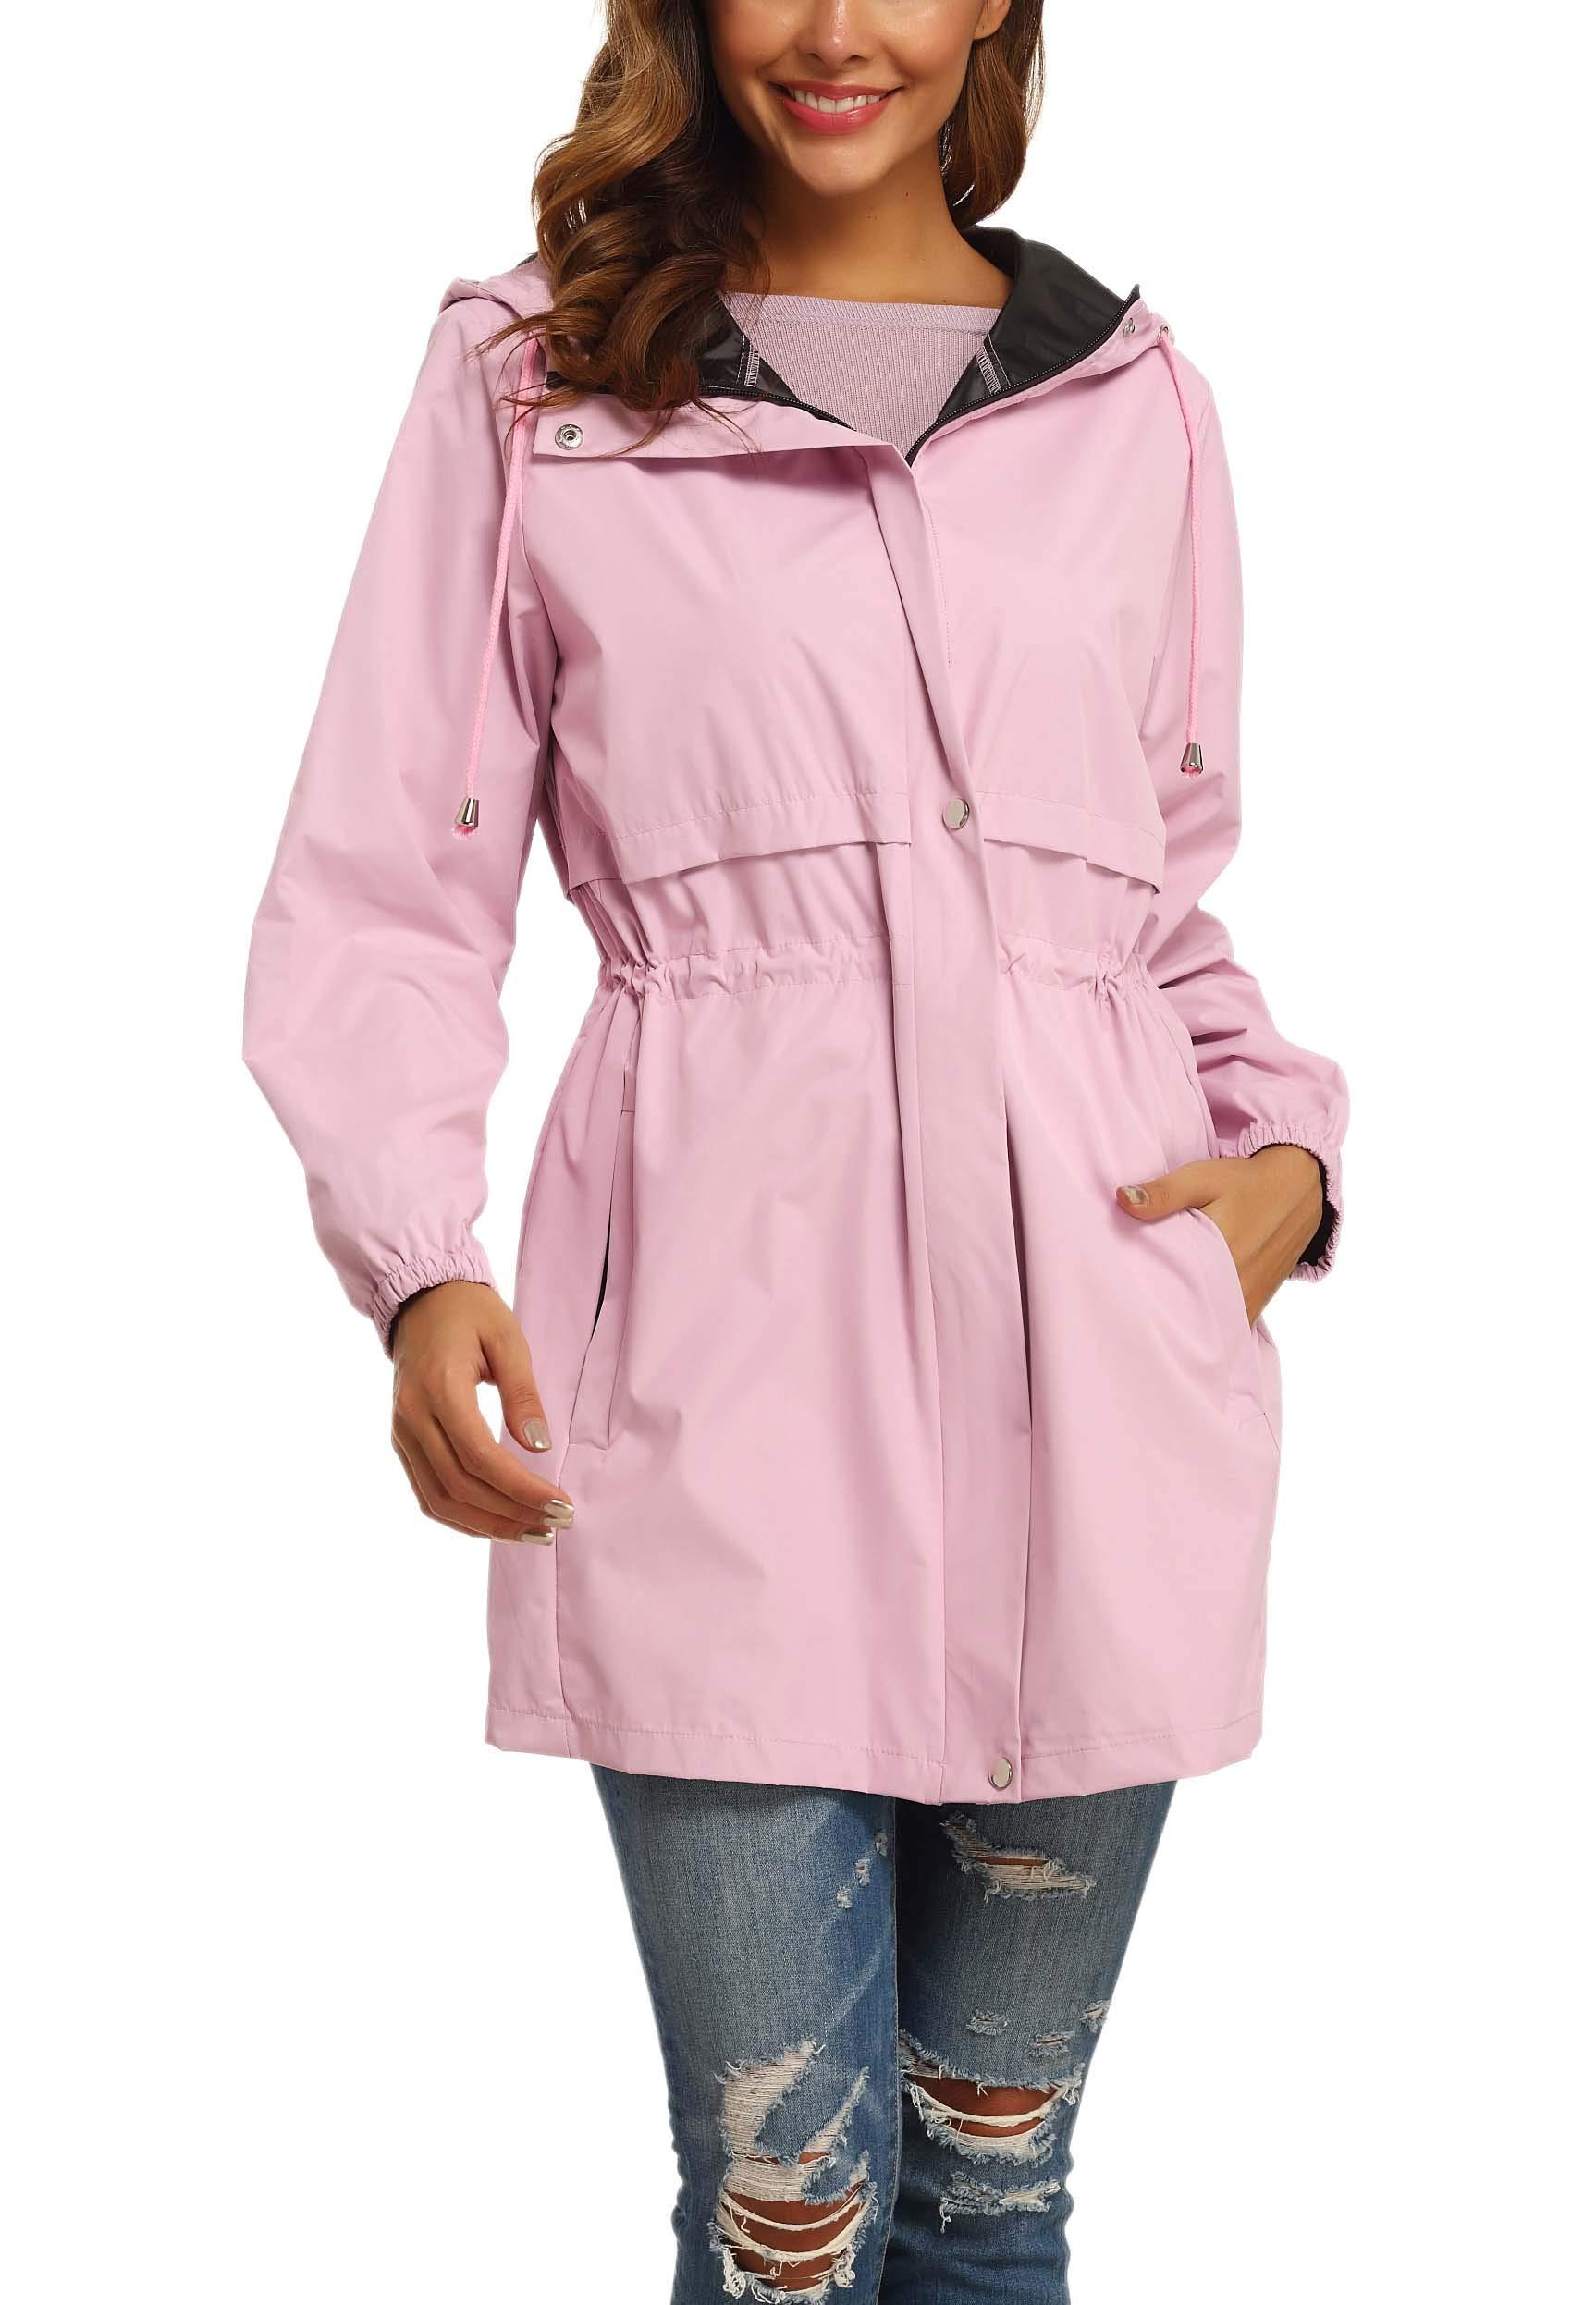 GUANYY Rain Jacket Women Waterproof Hooded Raincoat Active Outdoor Windbreaker Trench Coat